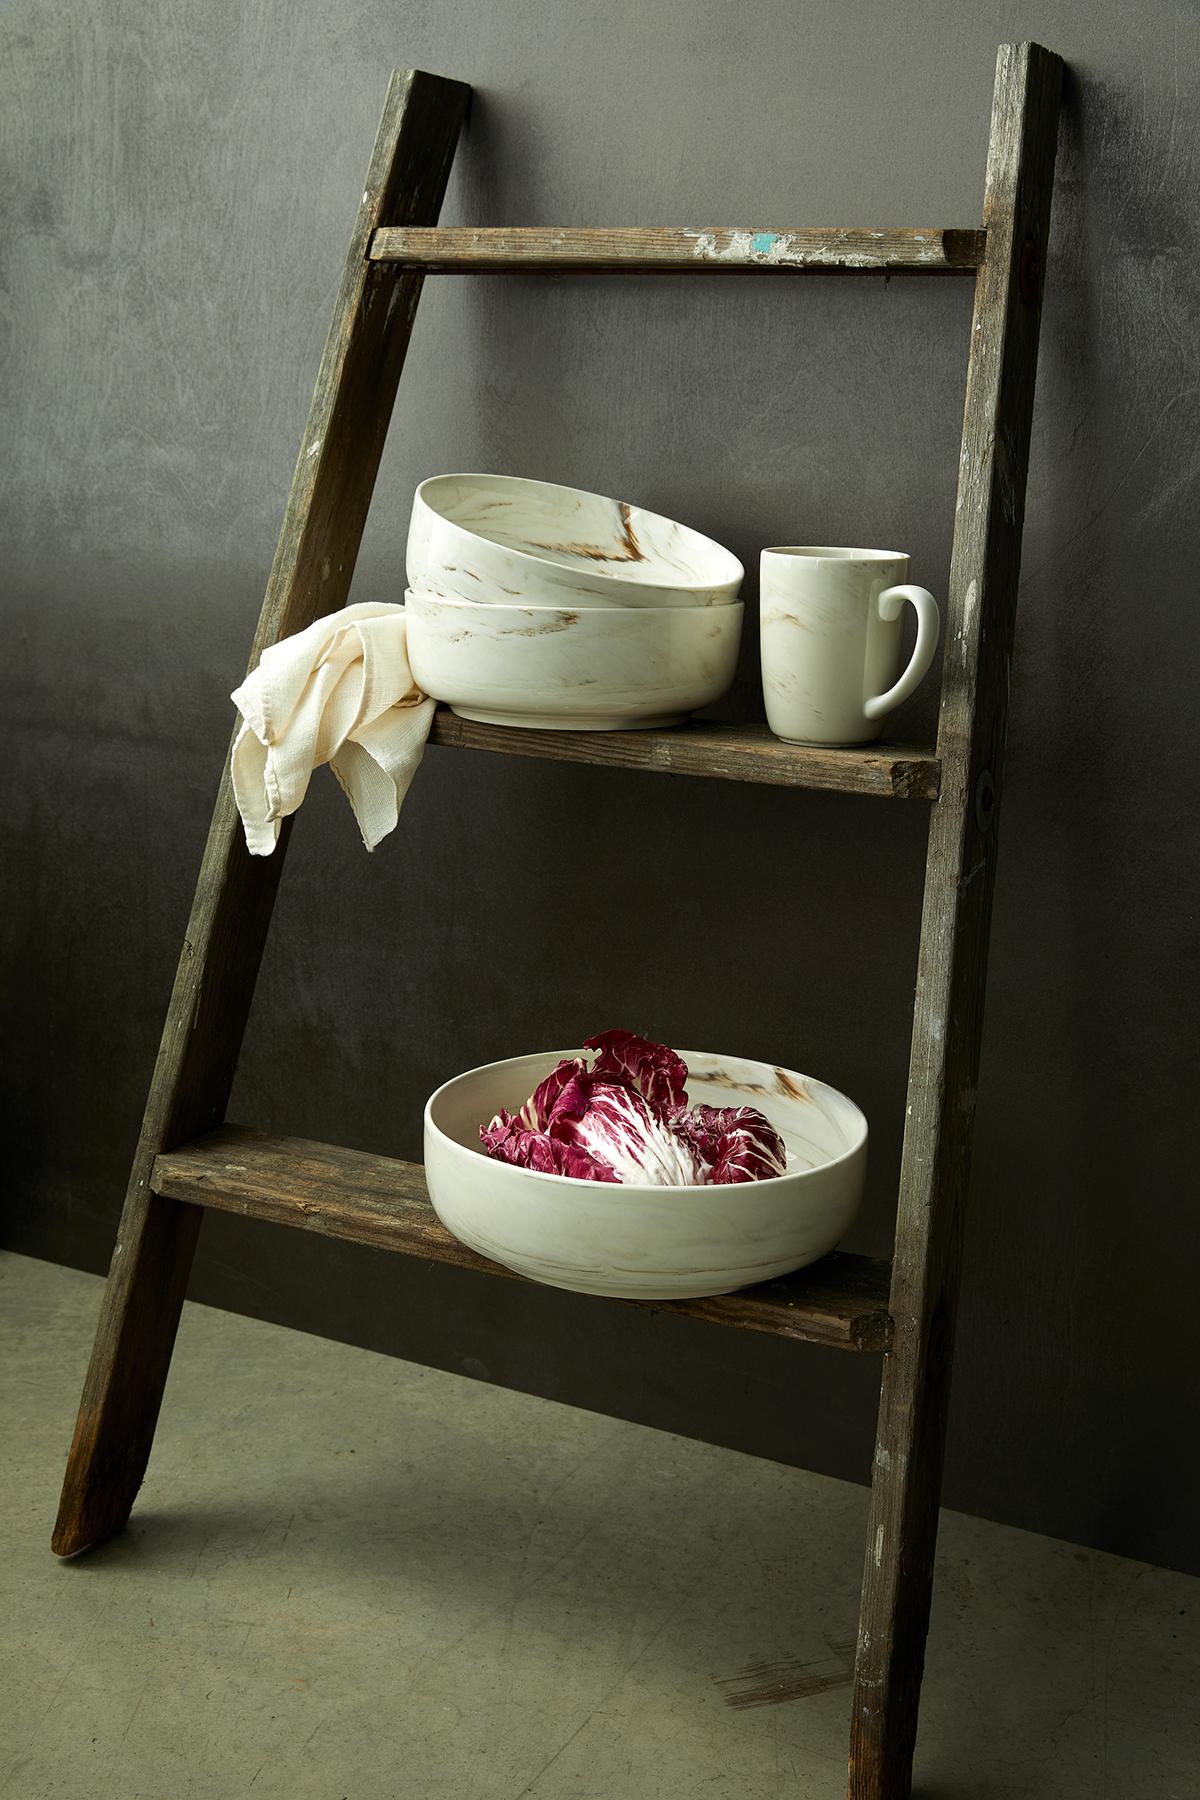 Adobe Portfolio Catalog Photography Web Photography food styling set styling